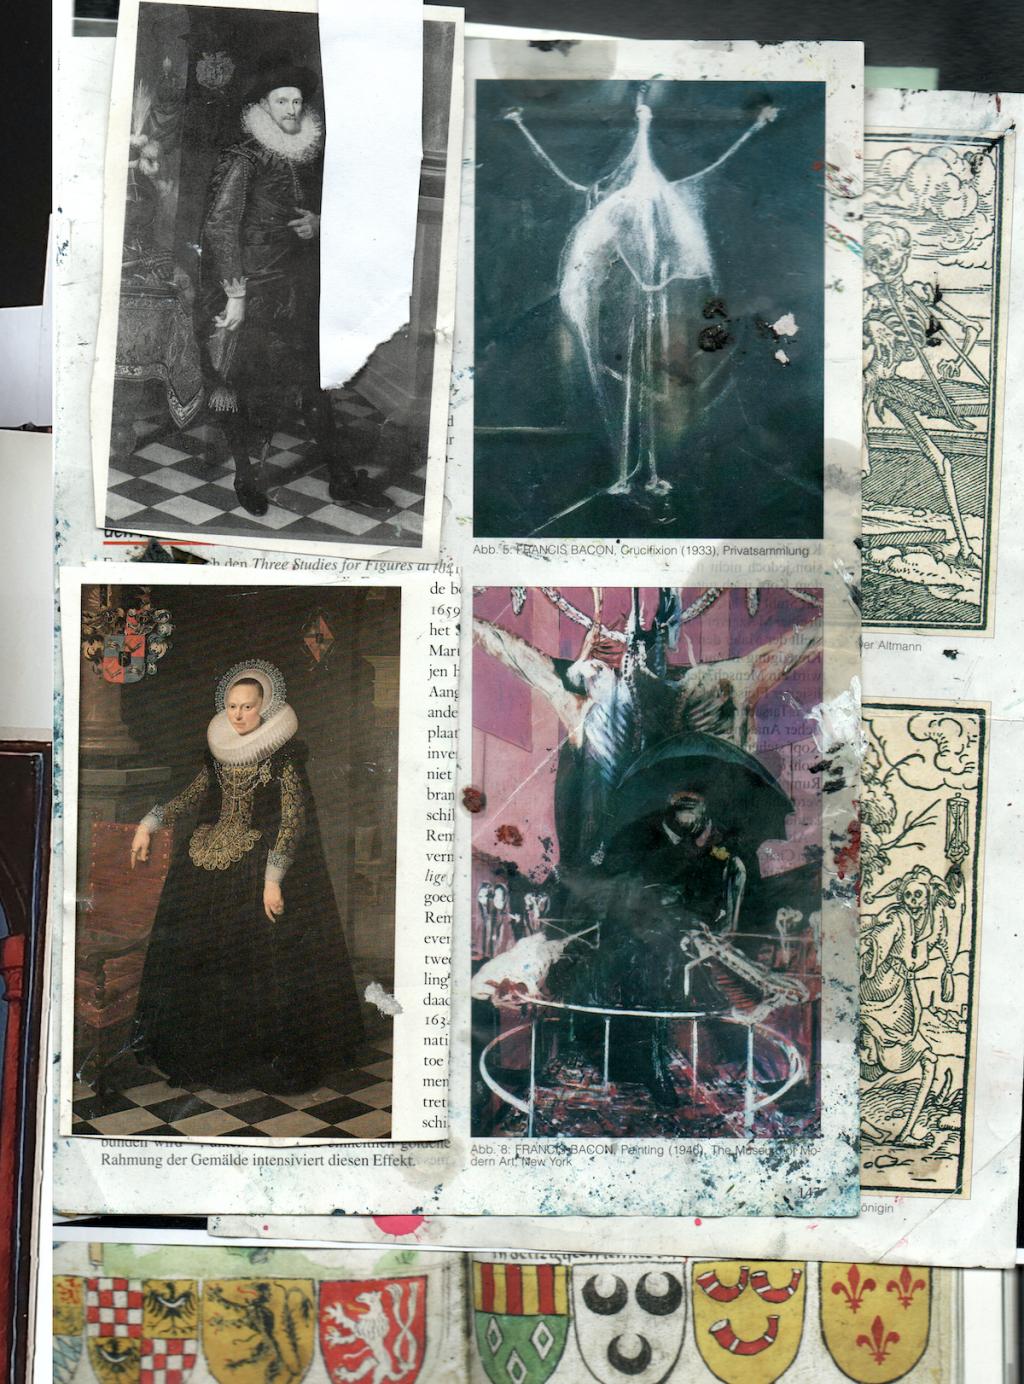 Natasja Kensmil, Installatie (detail), 2020. Mixed media collage op bladzijdes van 'Graven van Holland' en kunstgeschiedenisboeken. Met dank aan de kunstenaar.